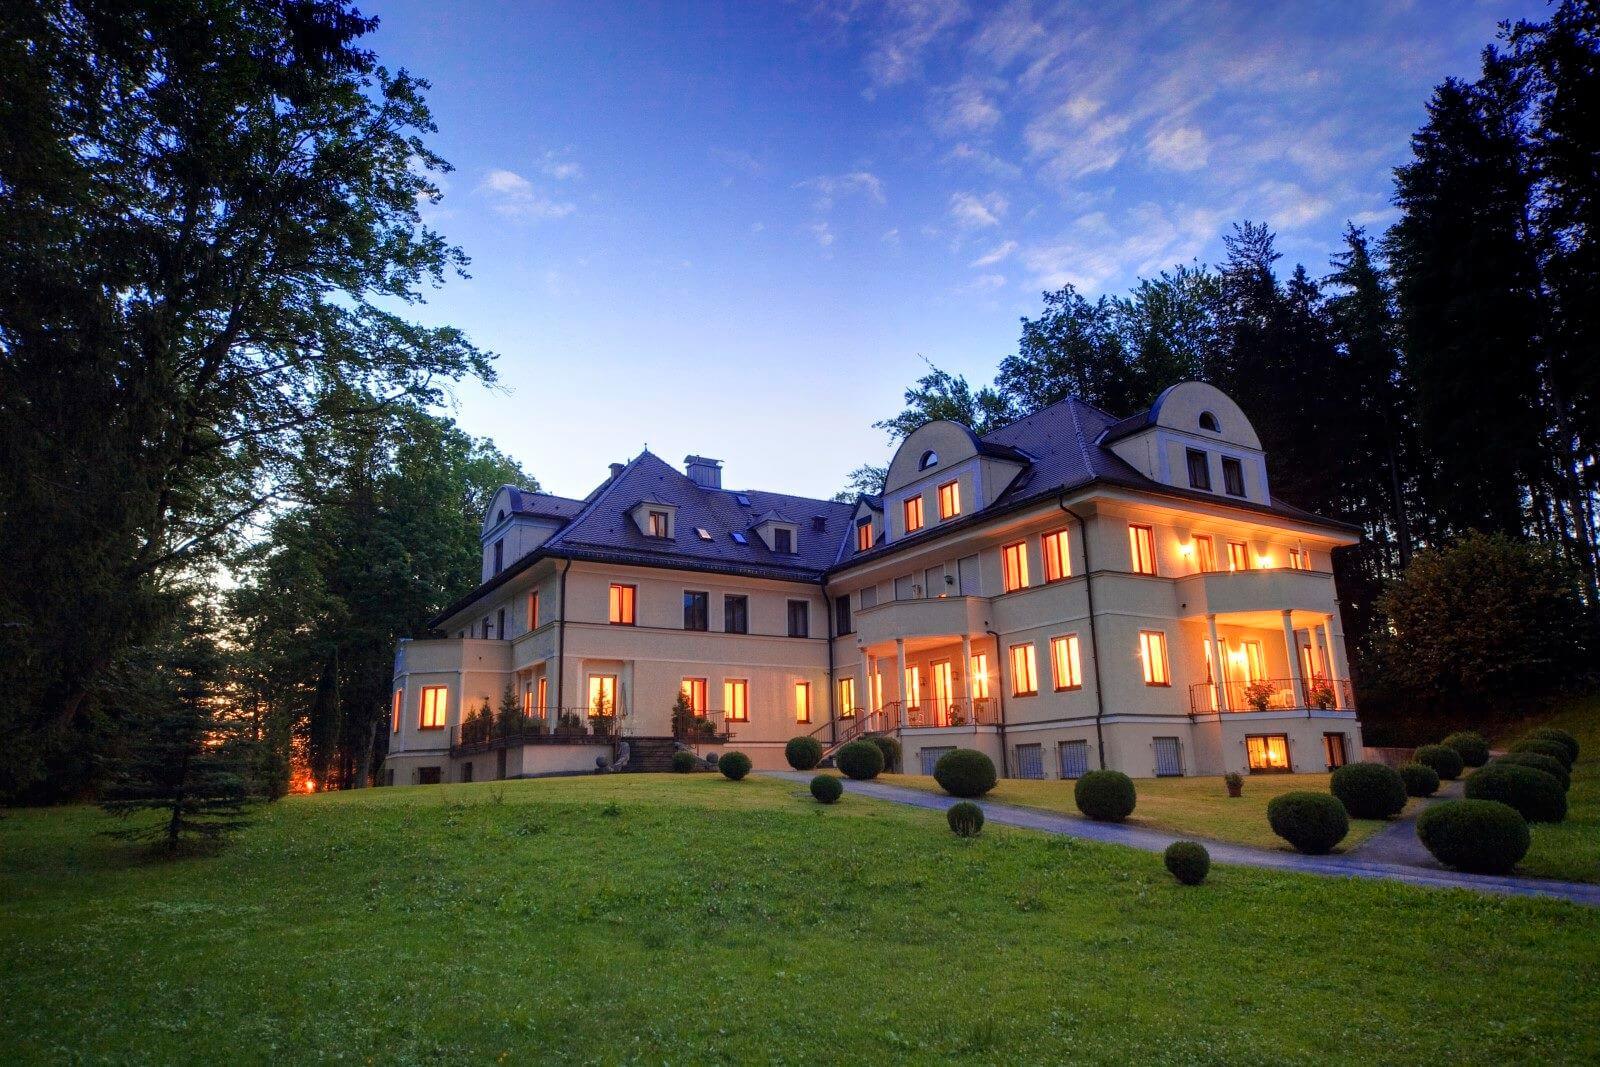 Urlaubshotel Villa Toscana in Füssen bei Schloss Neuschwanstein im Allgäu